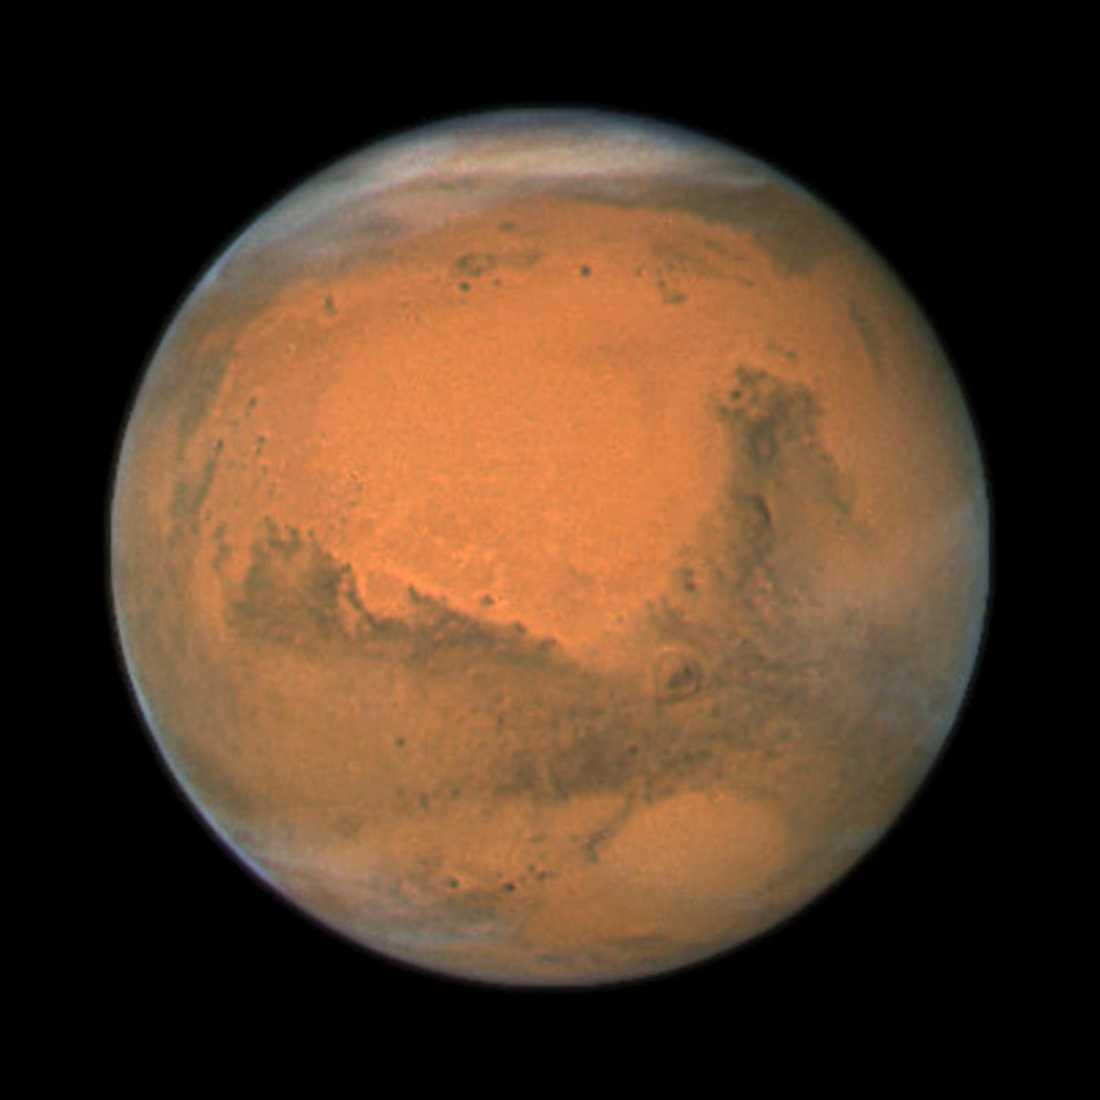 Planeten Mars, fotograferad av rymdteleskopet Hubble vid ett tidigare tillfälle. Arkivbild.